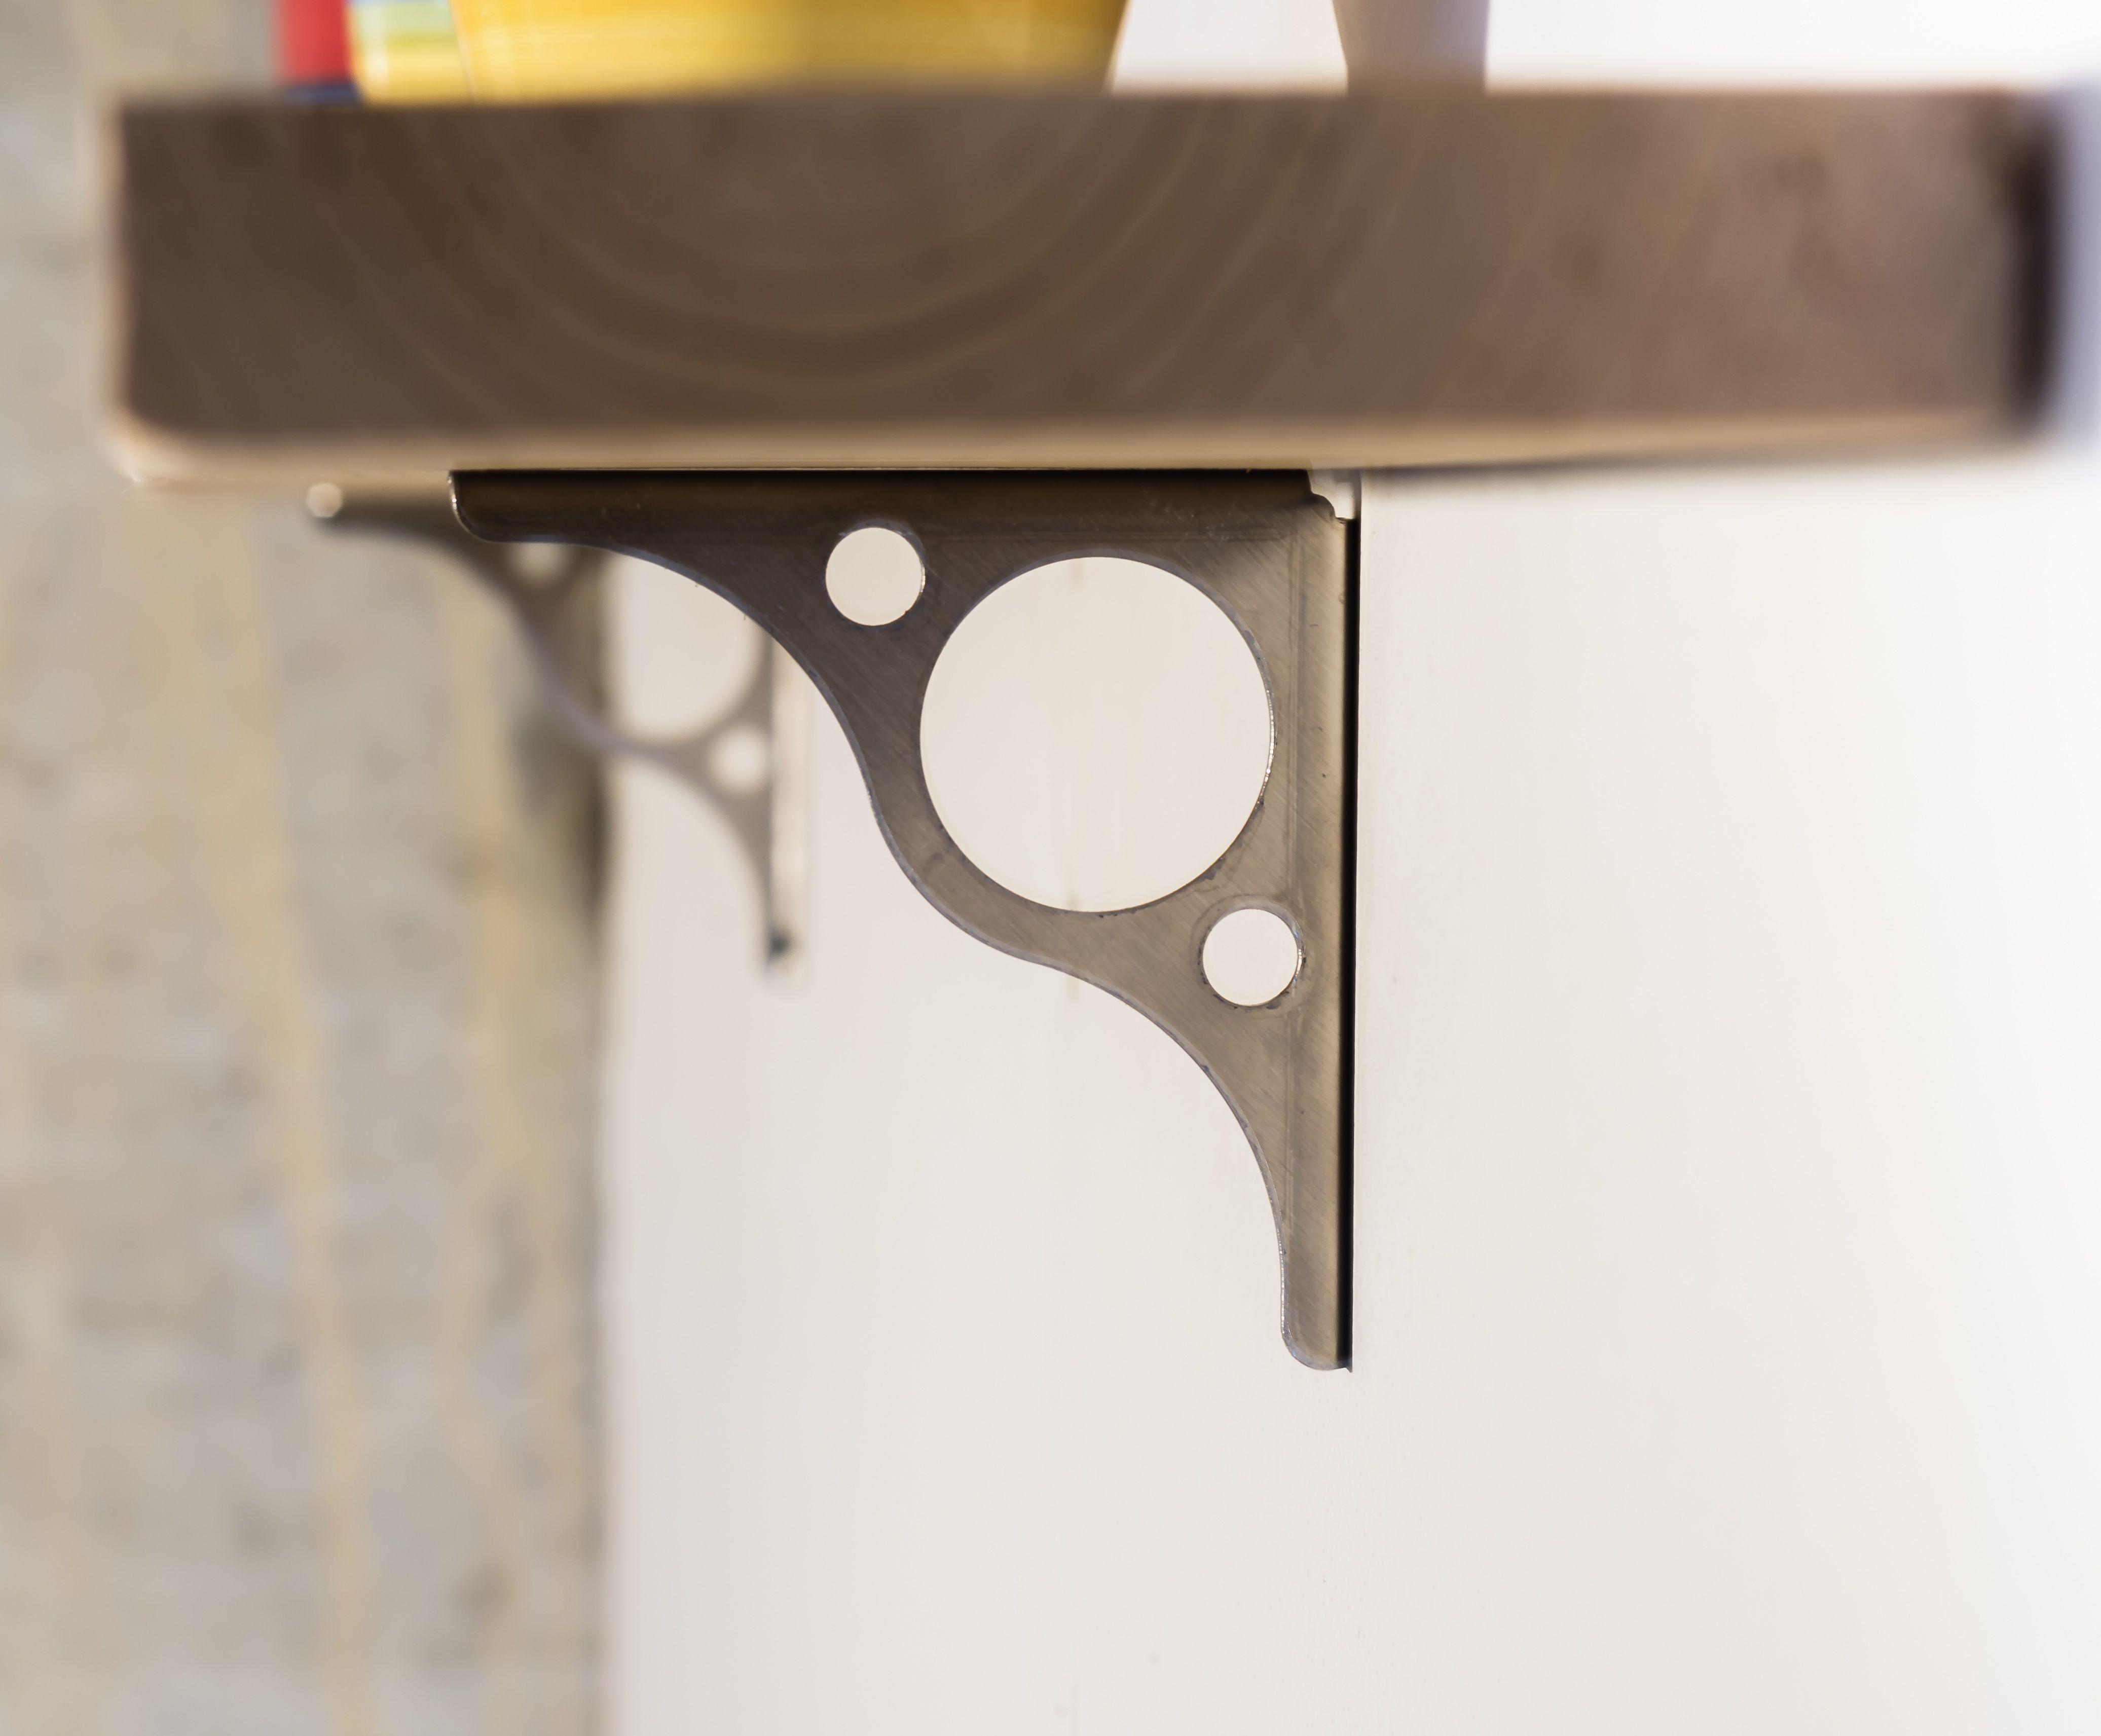 Apex Stainless Steel Shelf Brackets Steel Shelf Steel Shelf Brackets Shelf Brackets